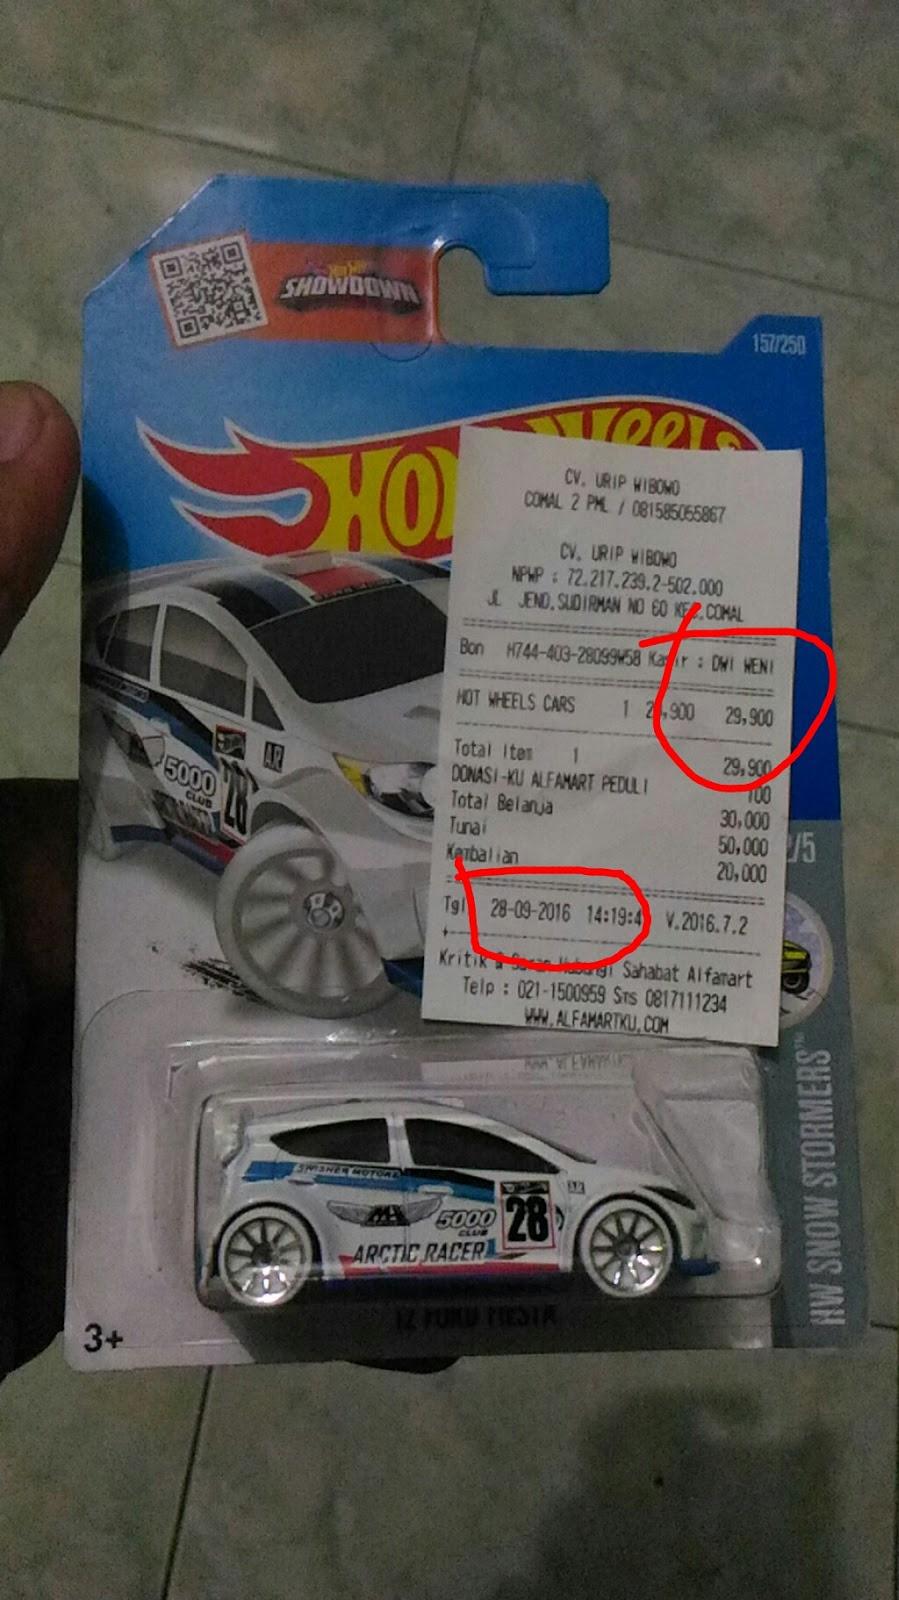 Hah Harga Hot Wheels Di Alfamart Naik Px Hobbies